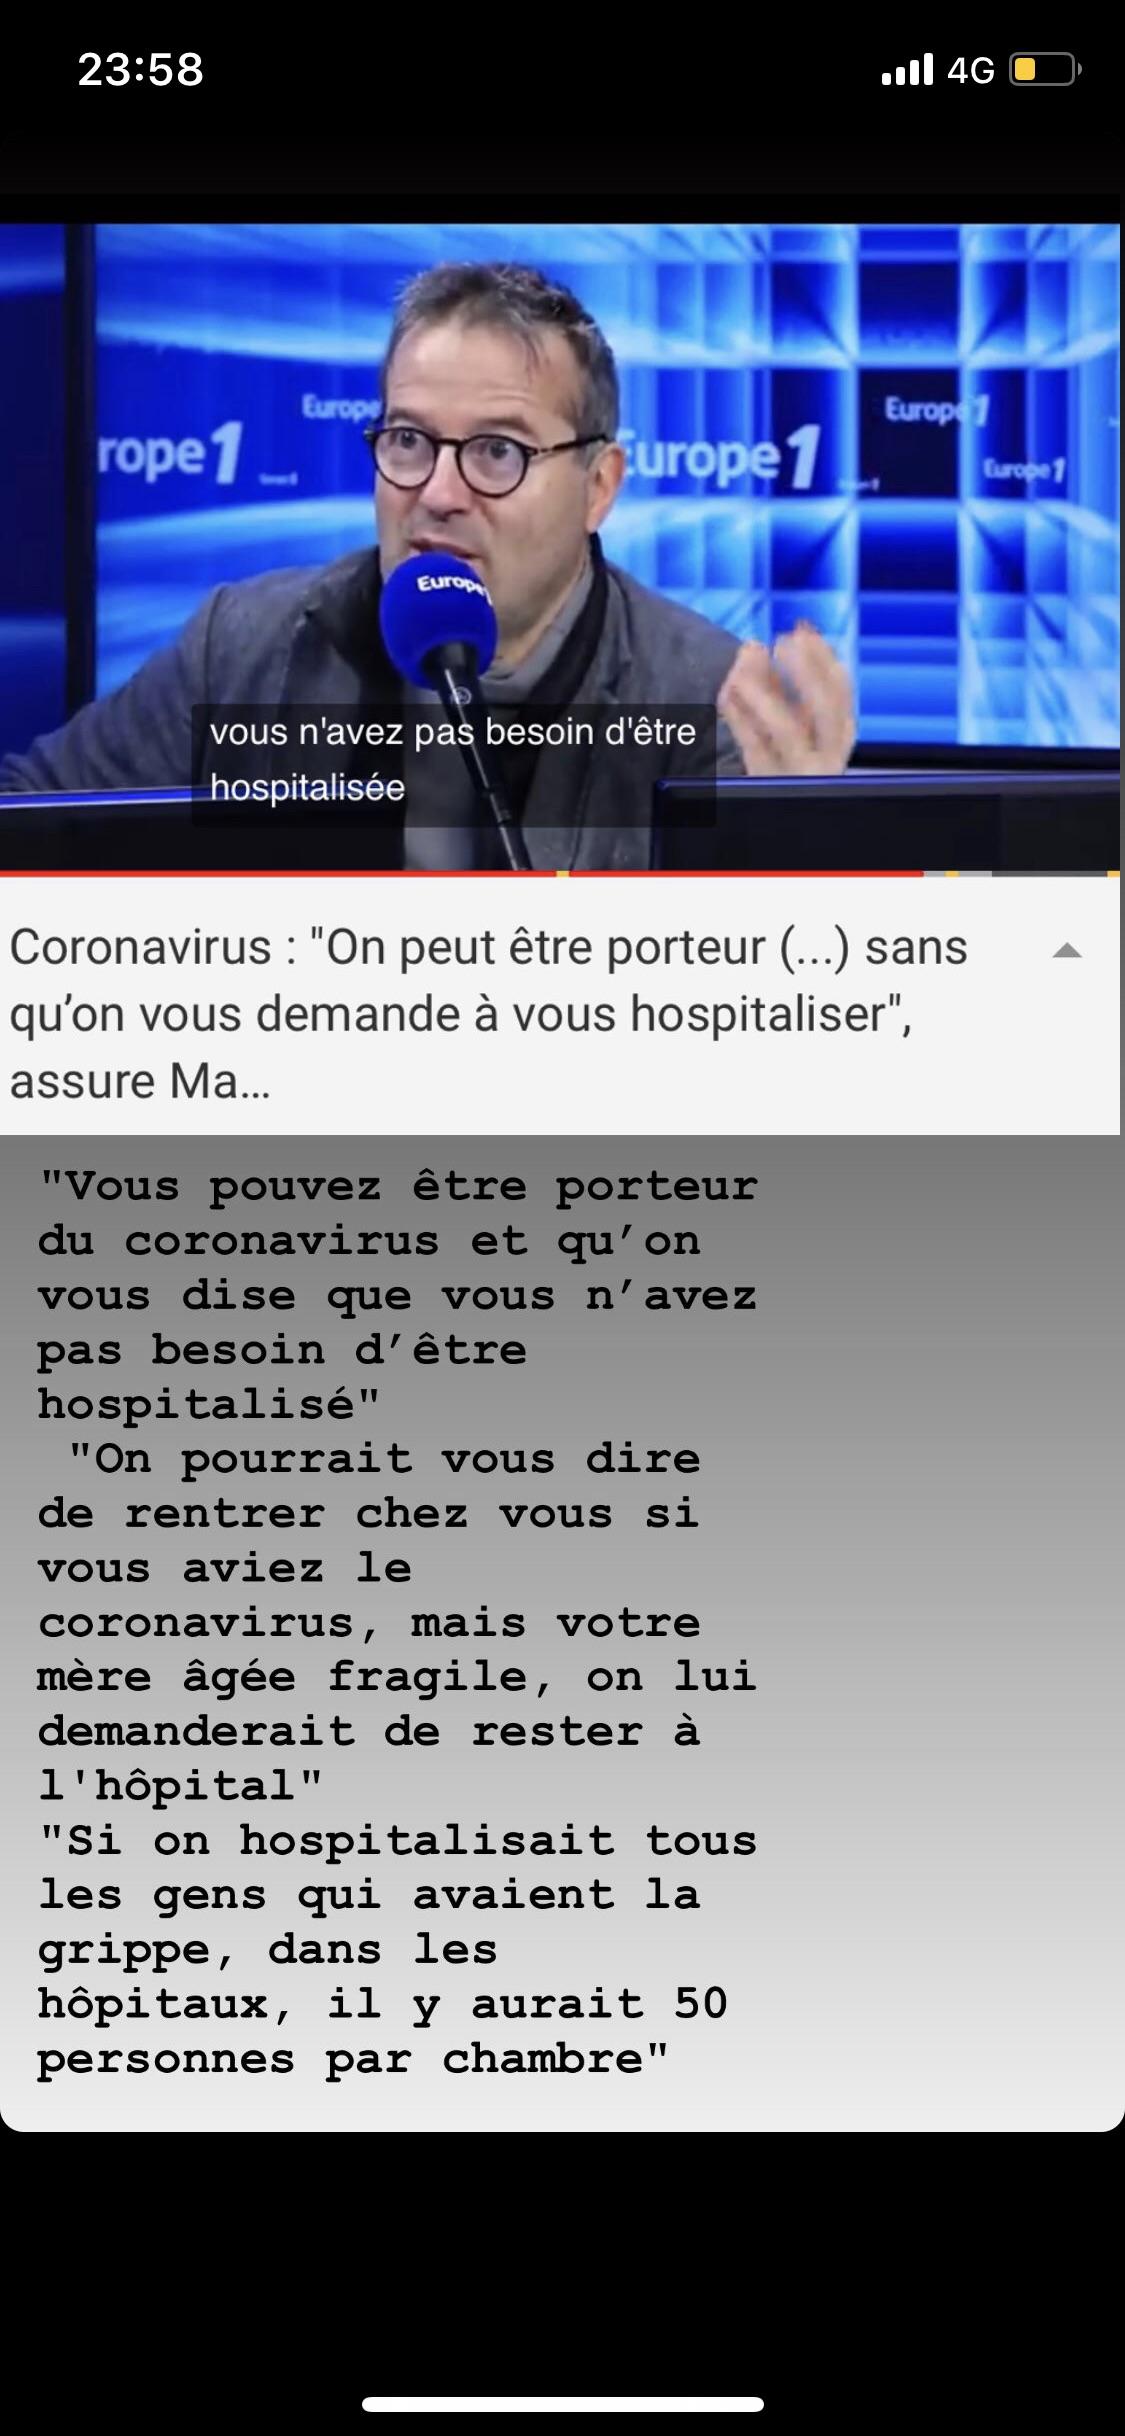 法国冠状病毒